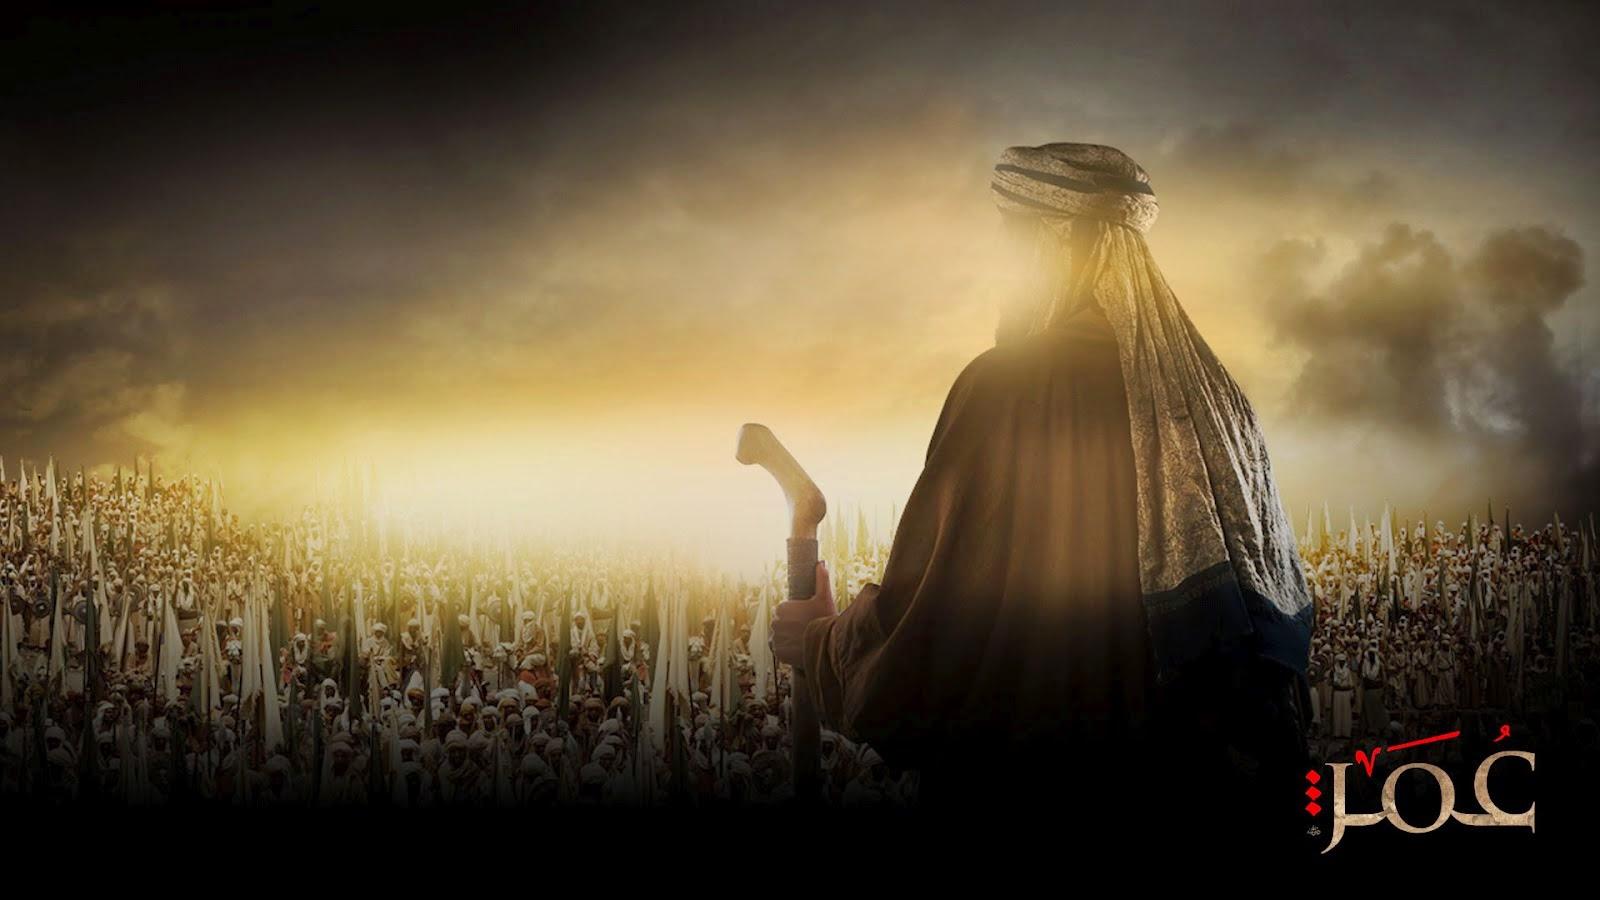 perjuangan umar, islam, iman, dakwah, kekuasaan, kammi, kammi semarang, kammi jateng, semarang, jawa tengah, dakwah, dakwah kampus, mahasiswa, sosok umar, kecintaan pada islam, perjuangan islam